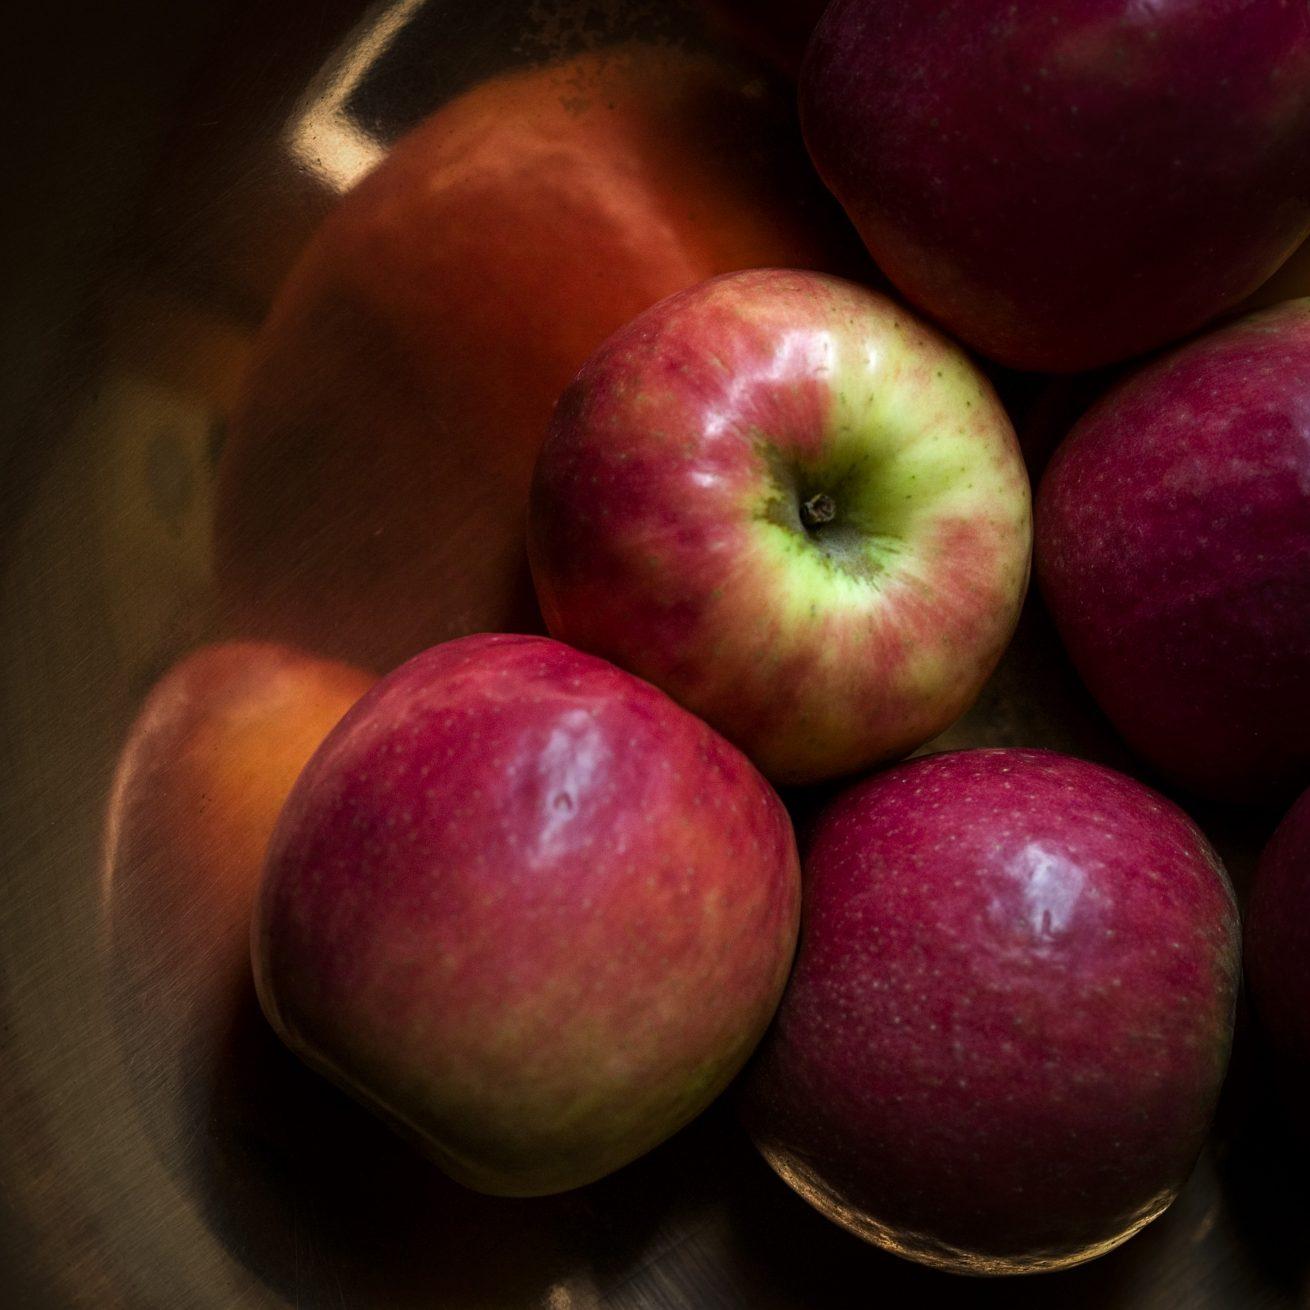 appelen (1 van 3)